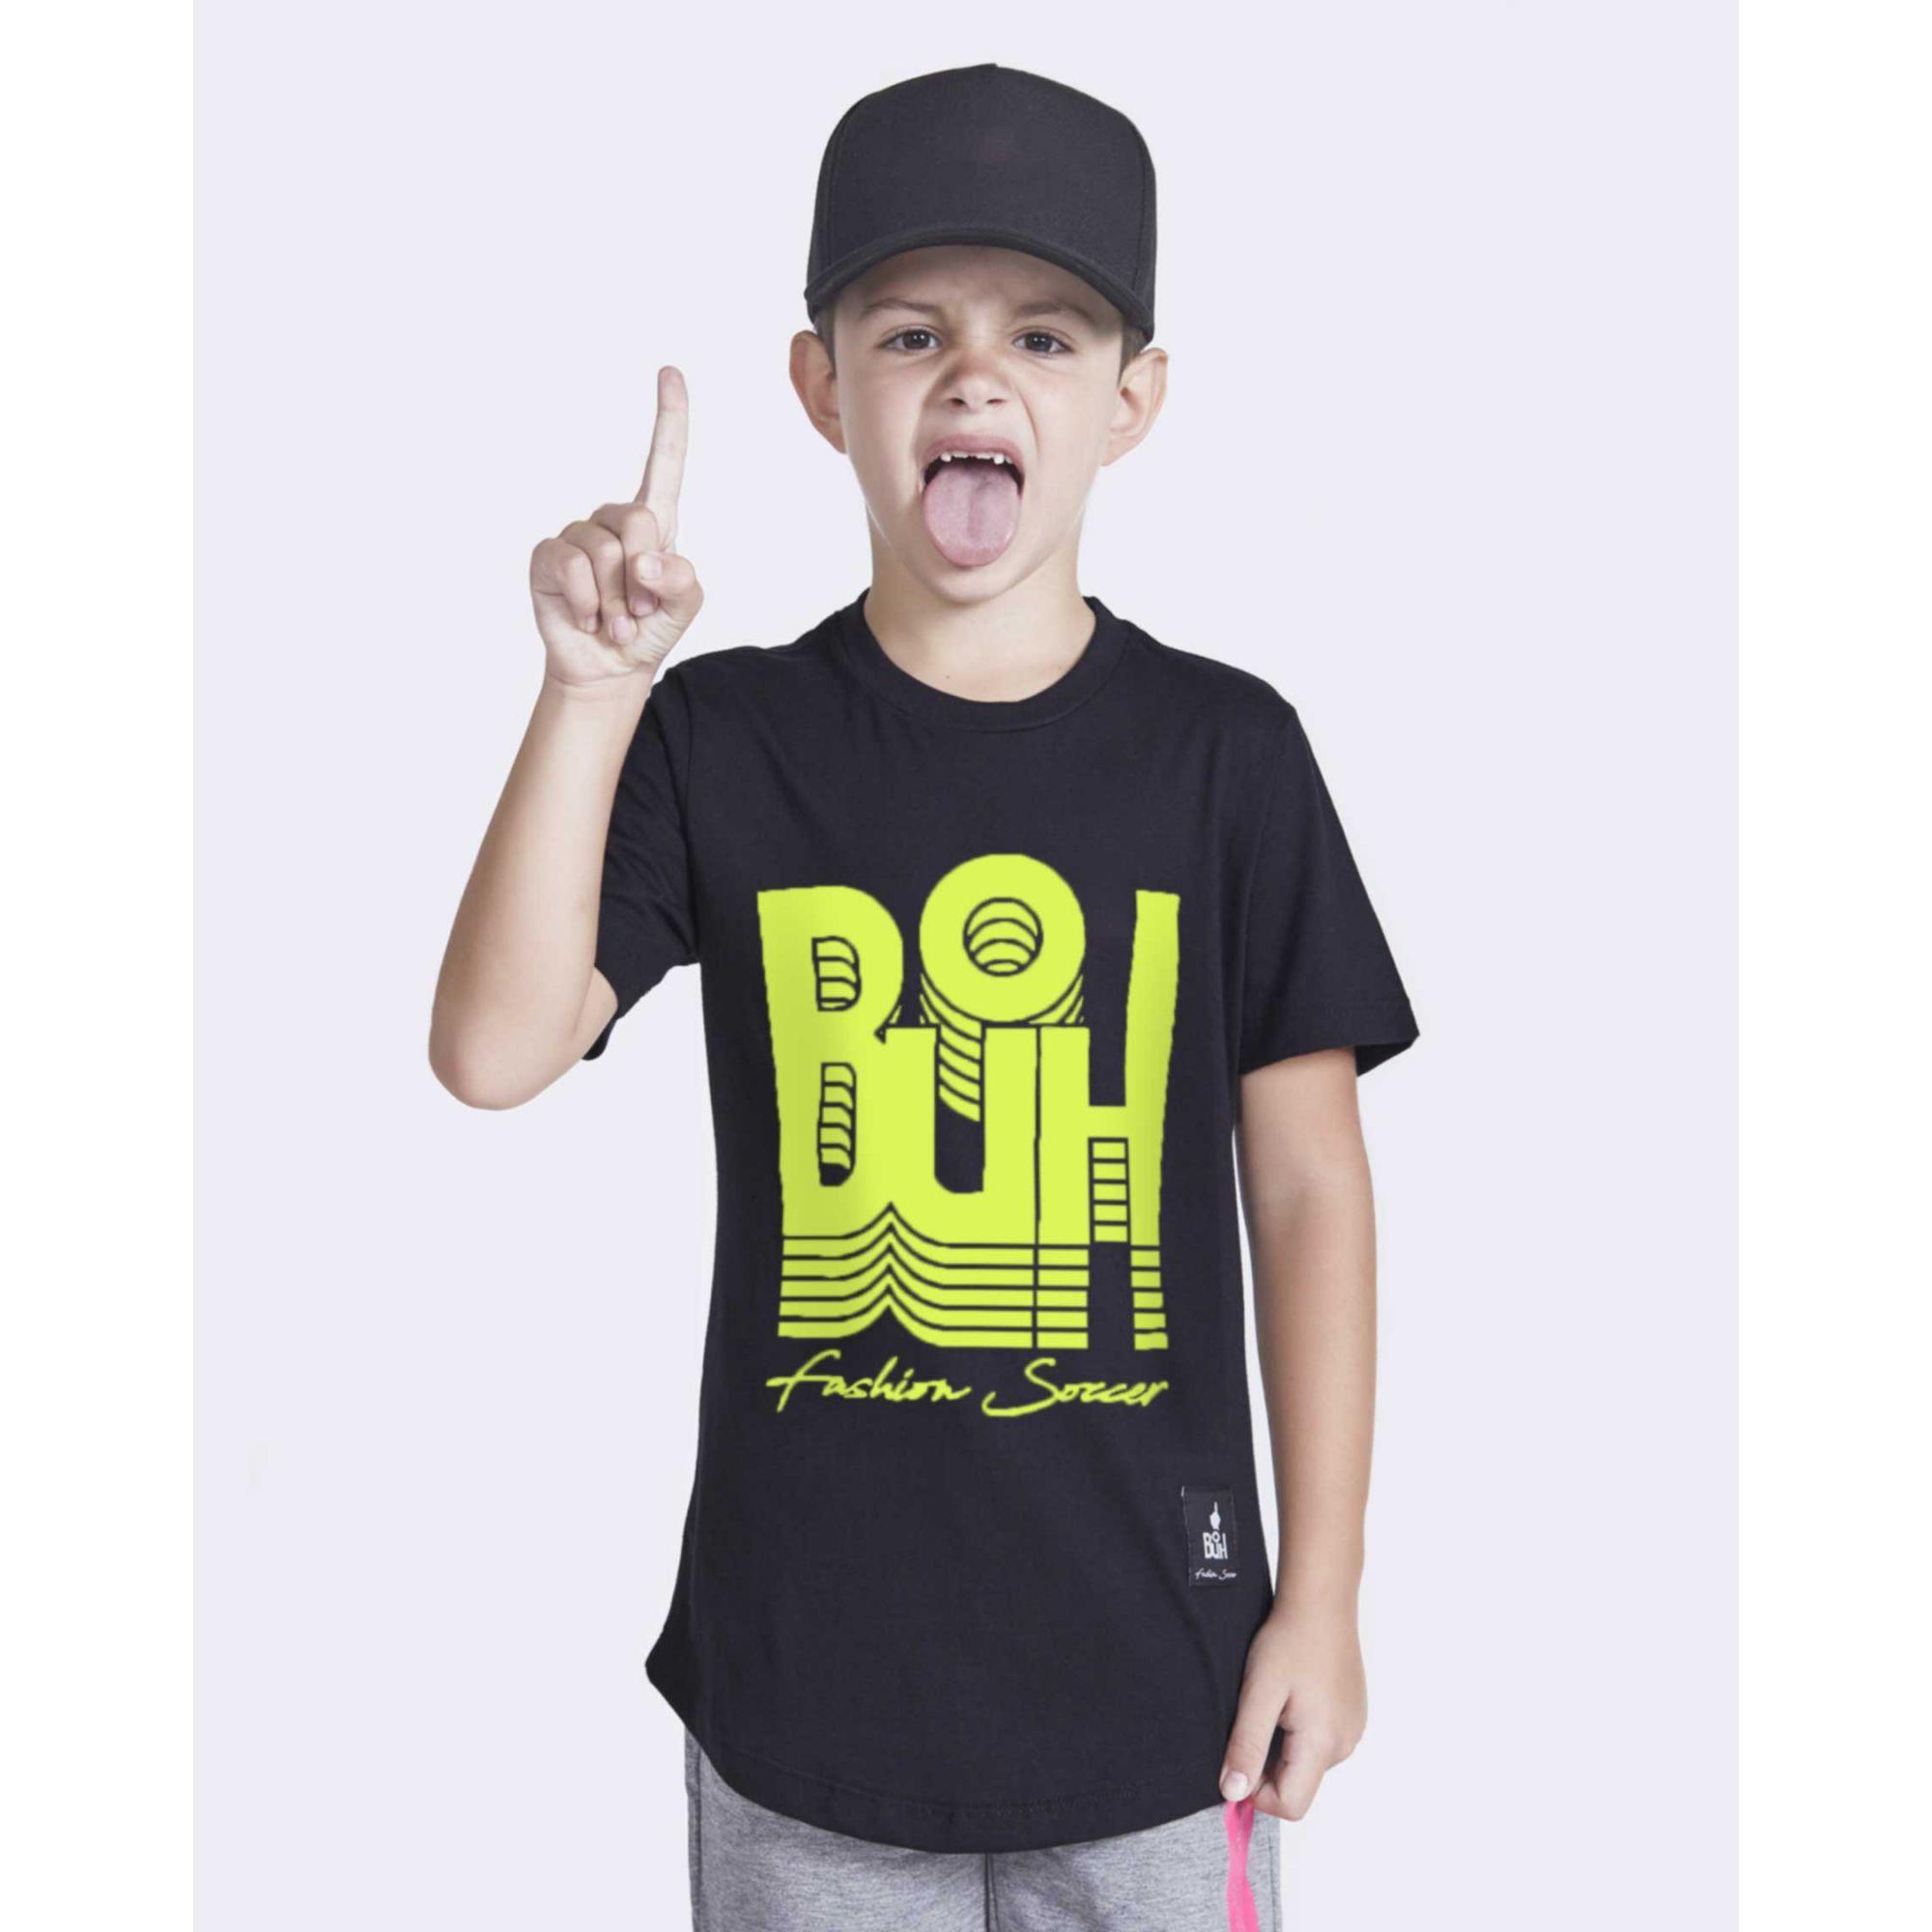 Camiseta Buh Kids Inverse Black & Neon